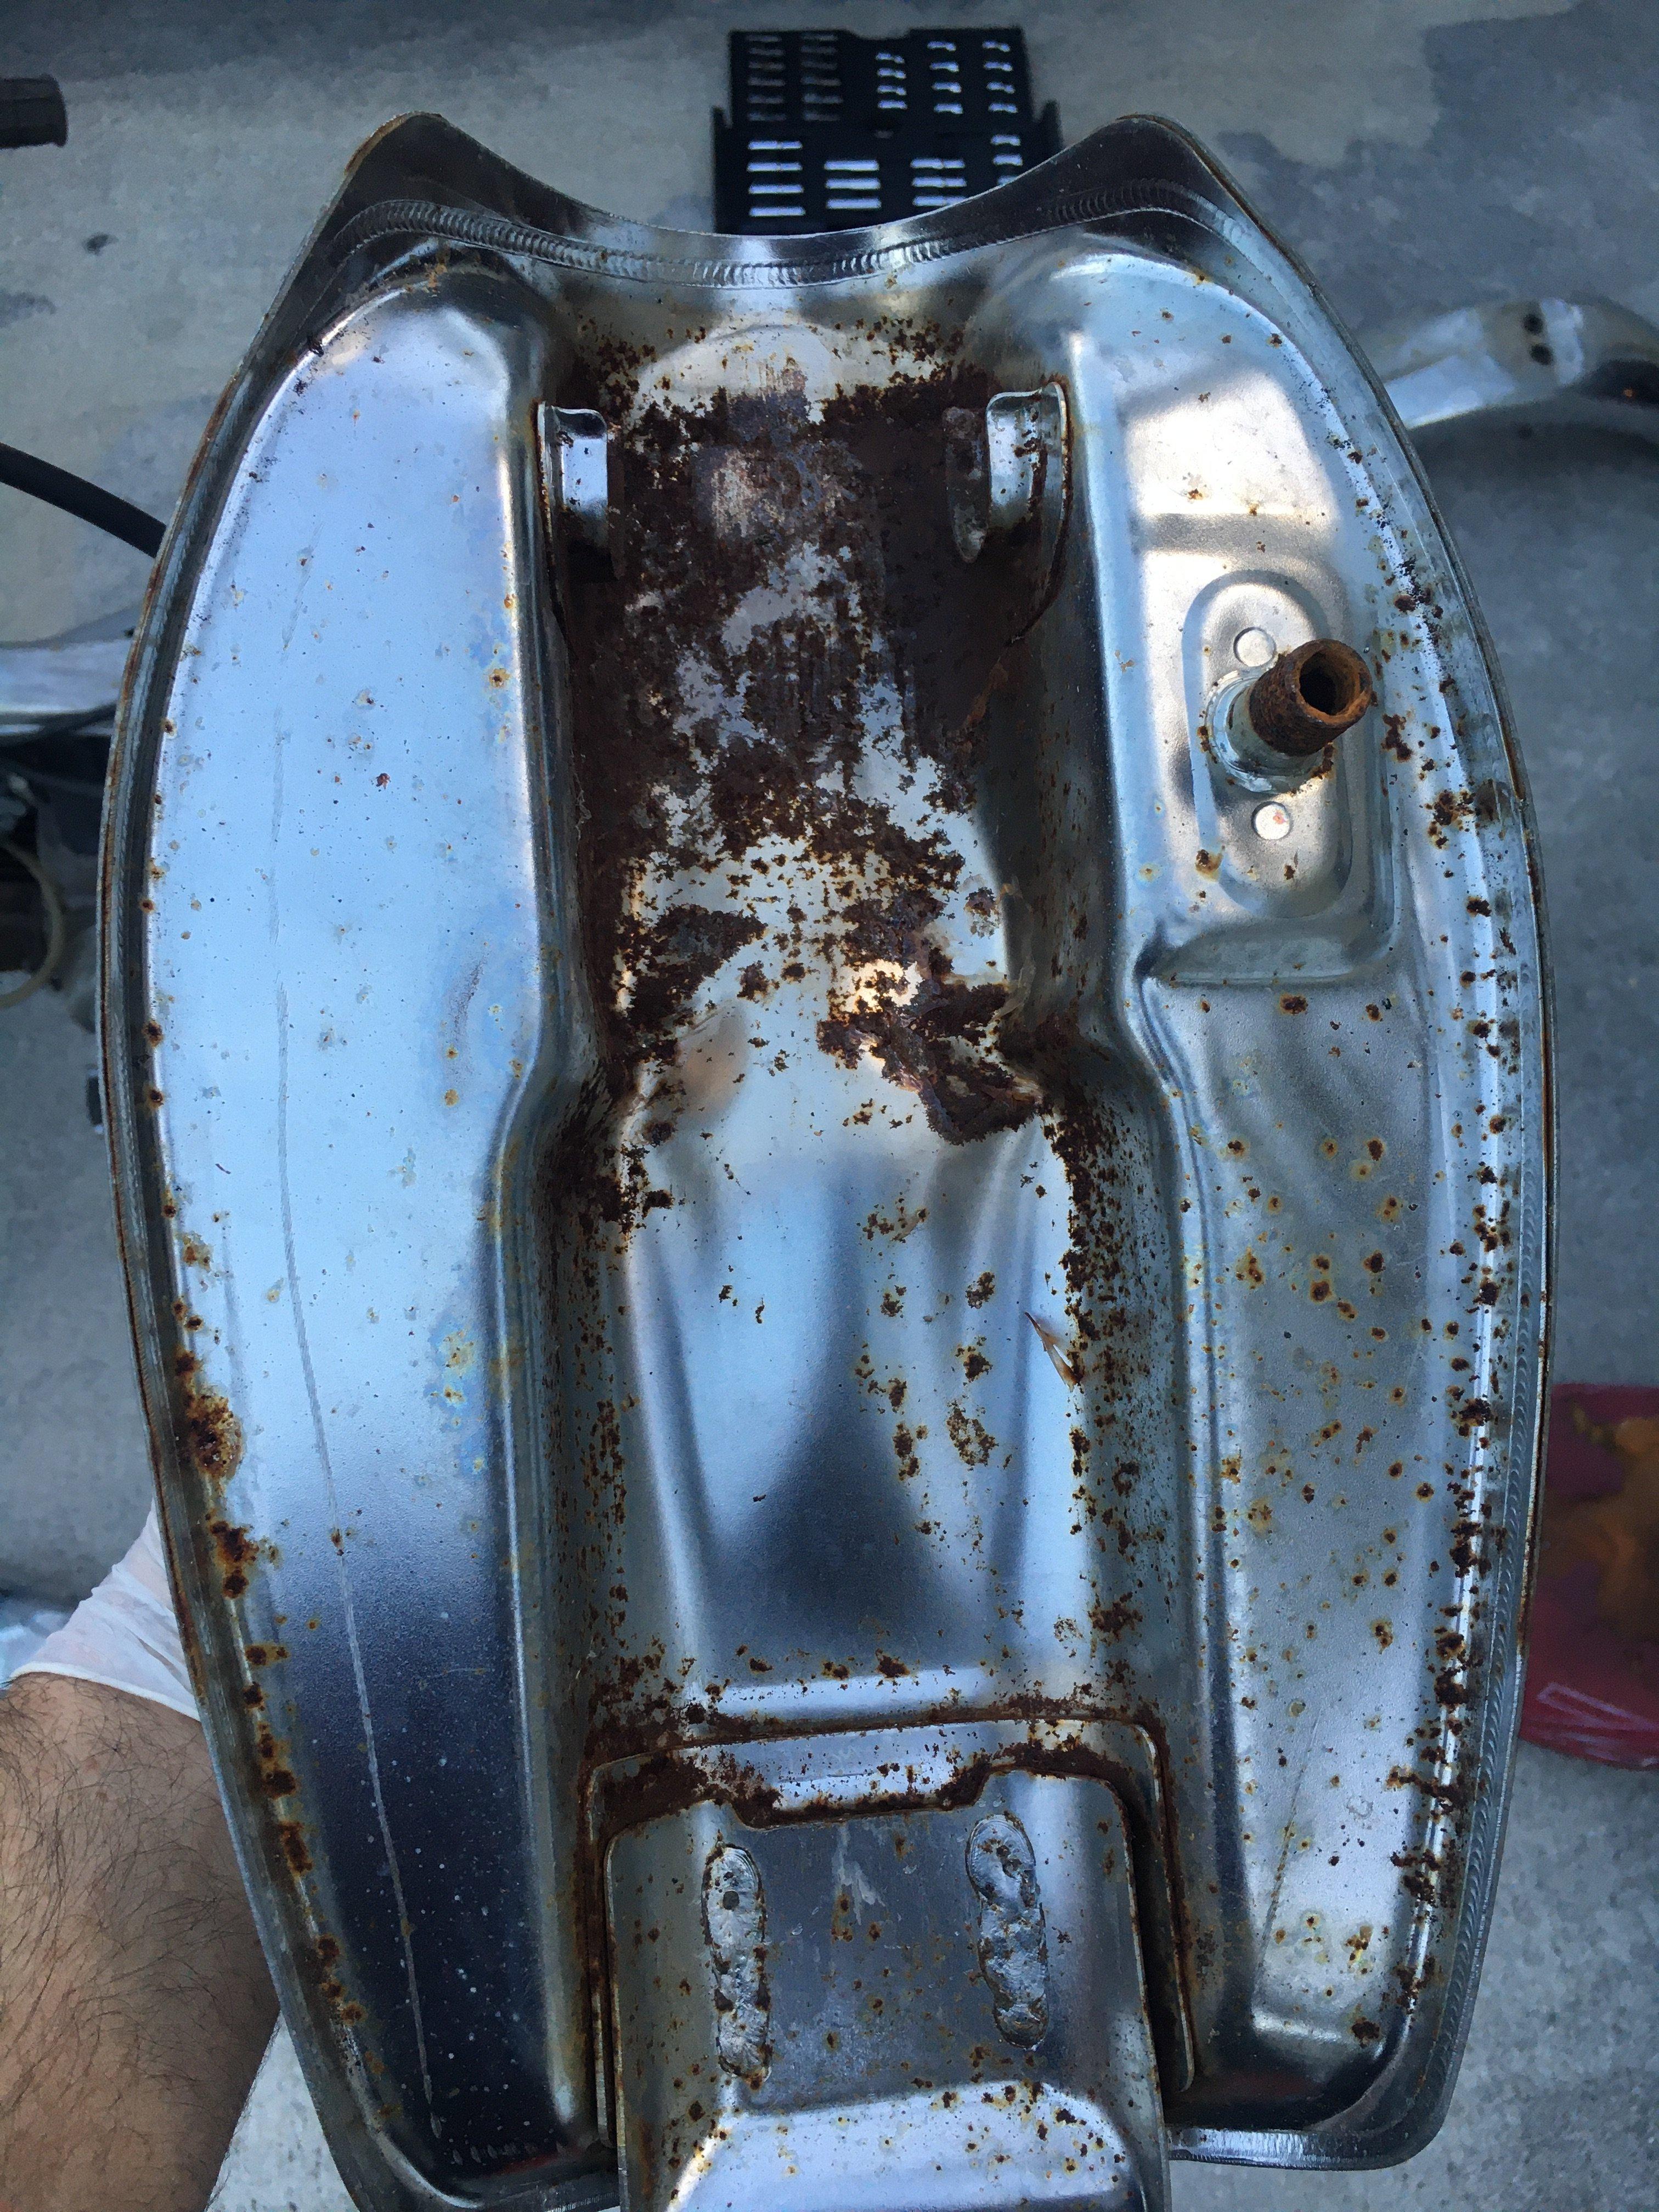 1A1E32D2-FEB7-4B3B-8054-FAA79362AE4B.jpeg